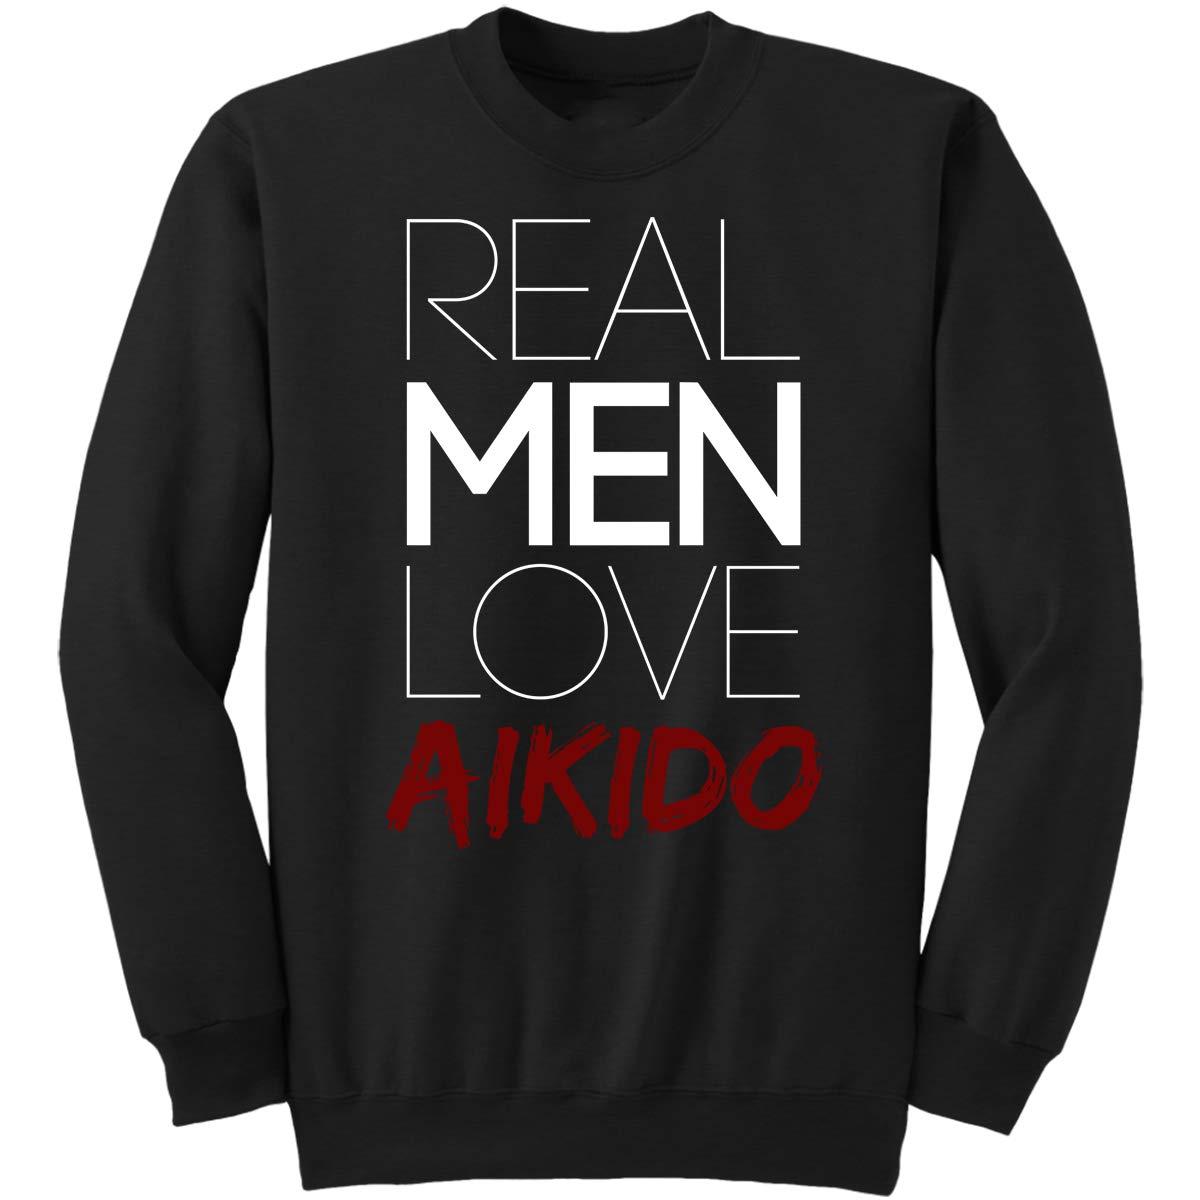 Real Men Love Aikido-Cute Adult Mens Ki Sweatshirt